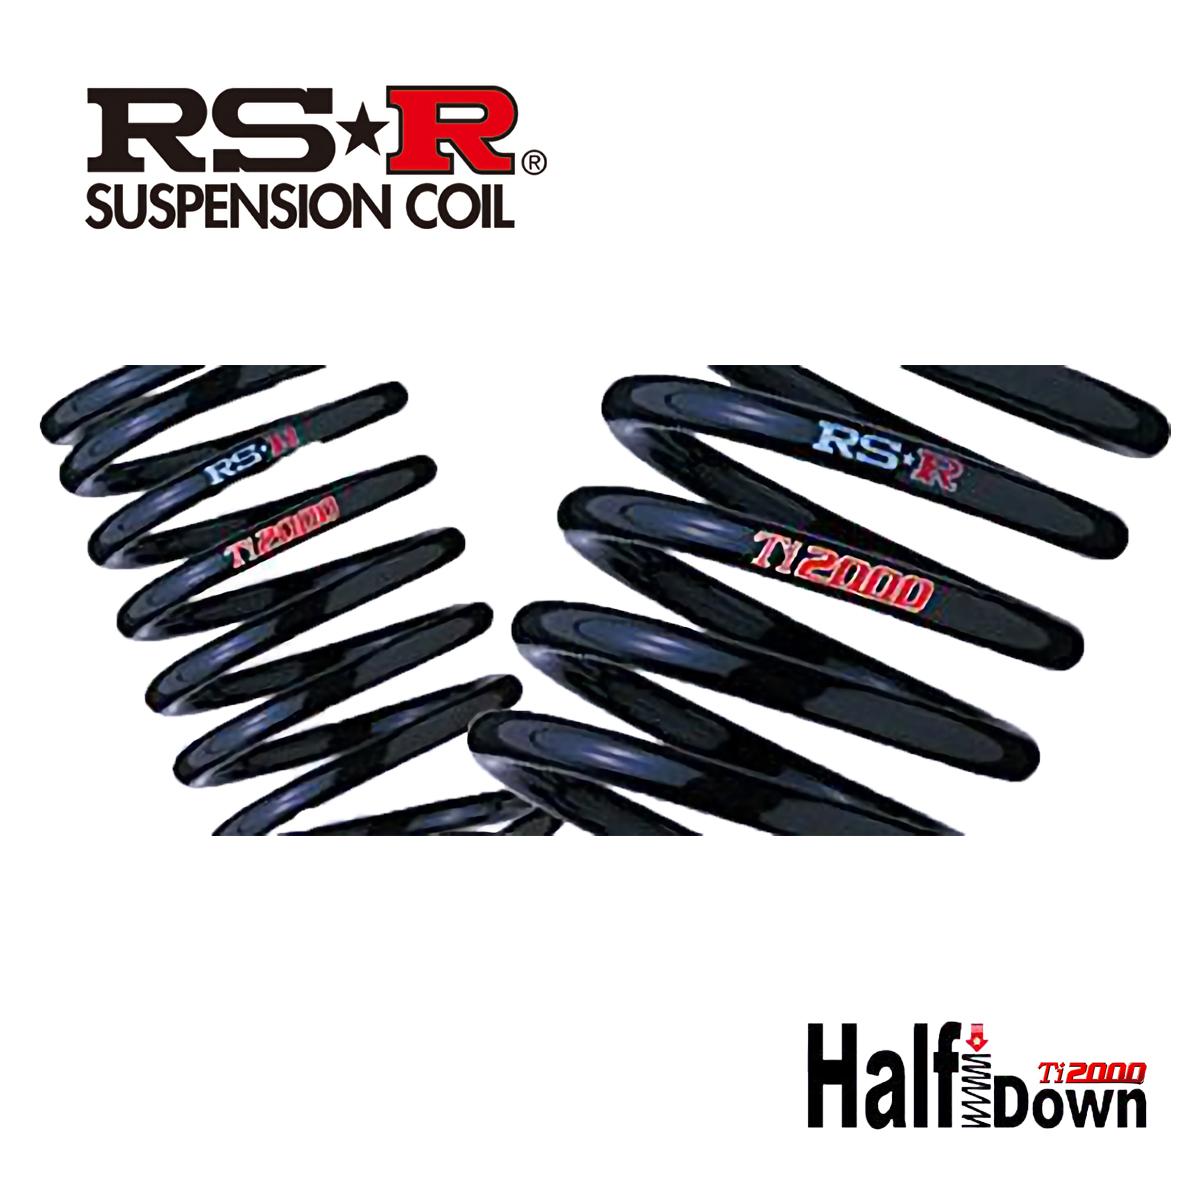 RS-R ムーブ ムーヴ MOVE LA150S カスタムXリミテッドSA ダウンサス スプリング 1台分 D200THD Ti2000 ハーフダウン RSR 個人宅発送追金有